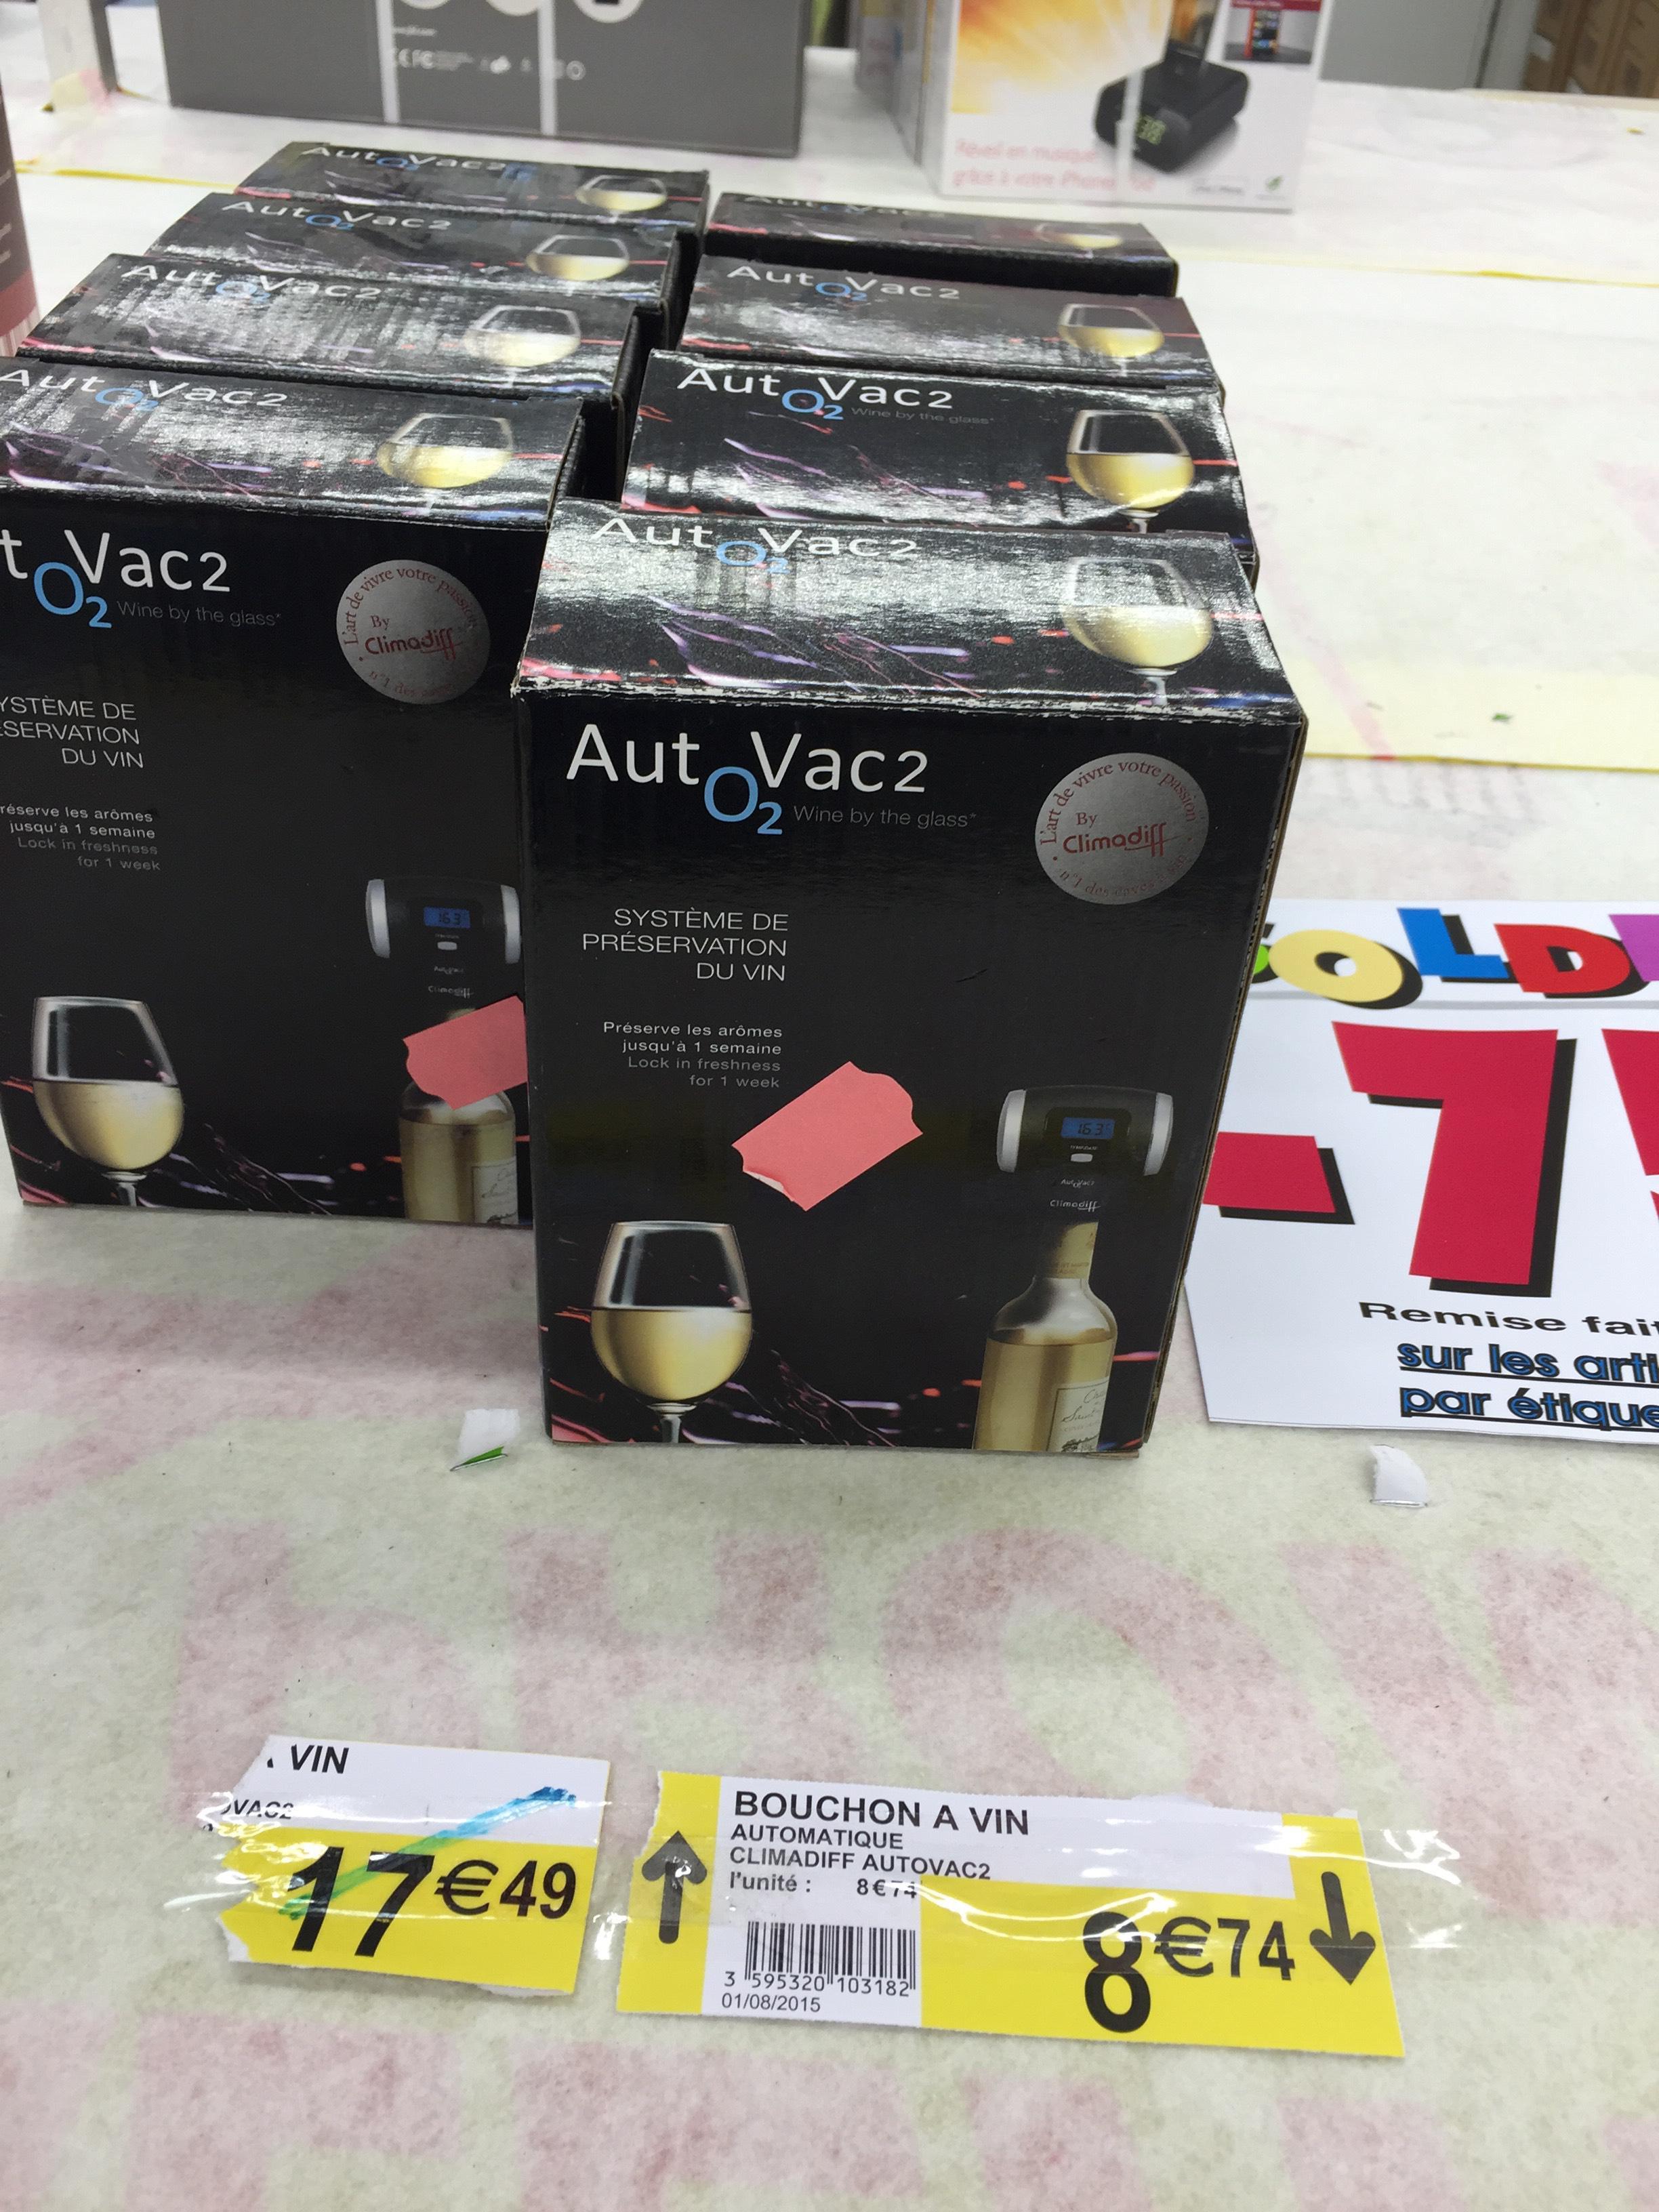 Bouchon à vin Autovac 2 - Indicateur température